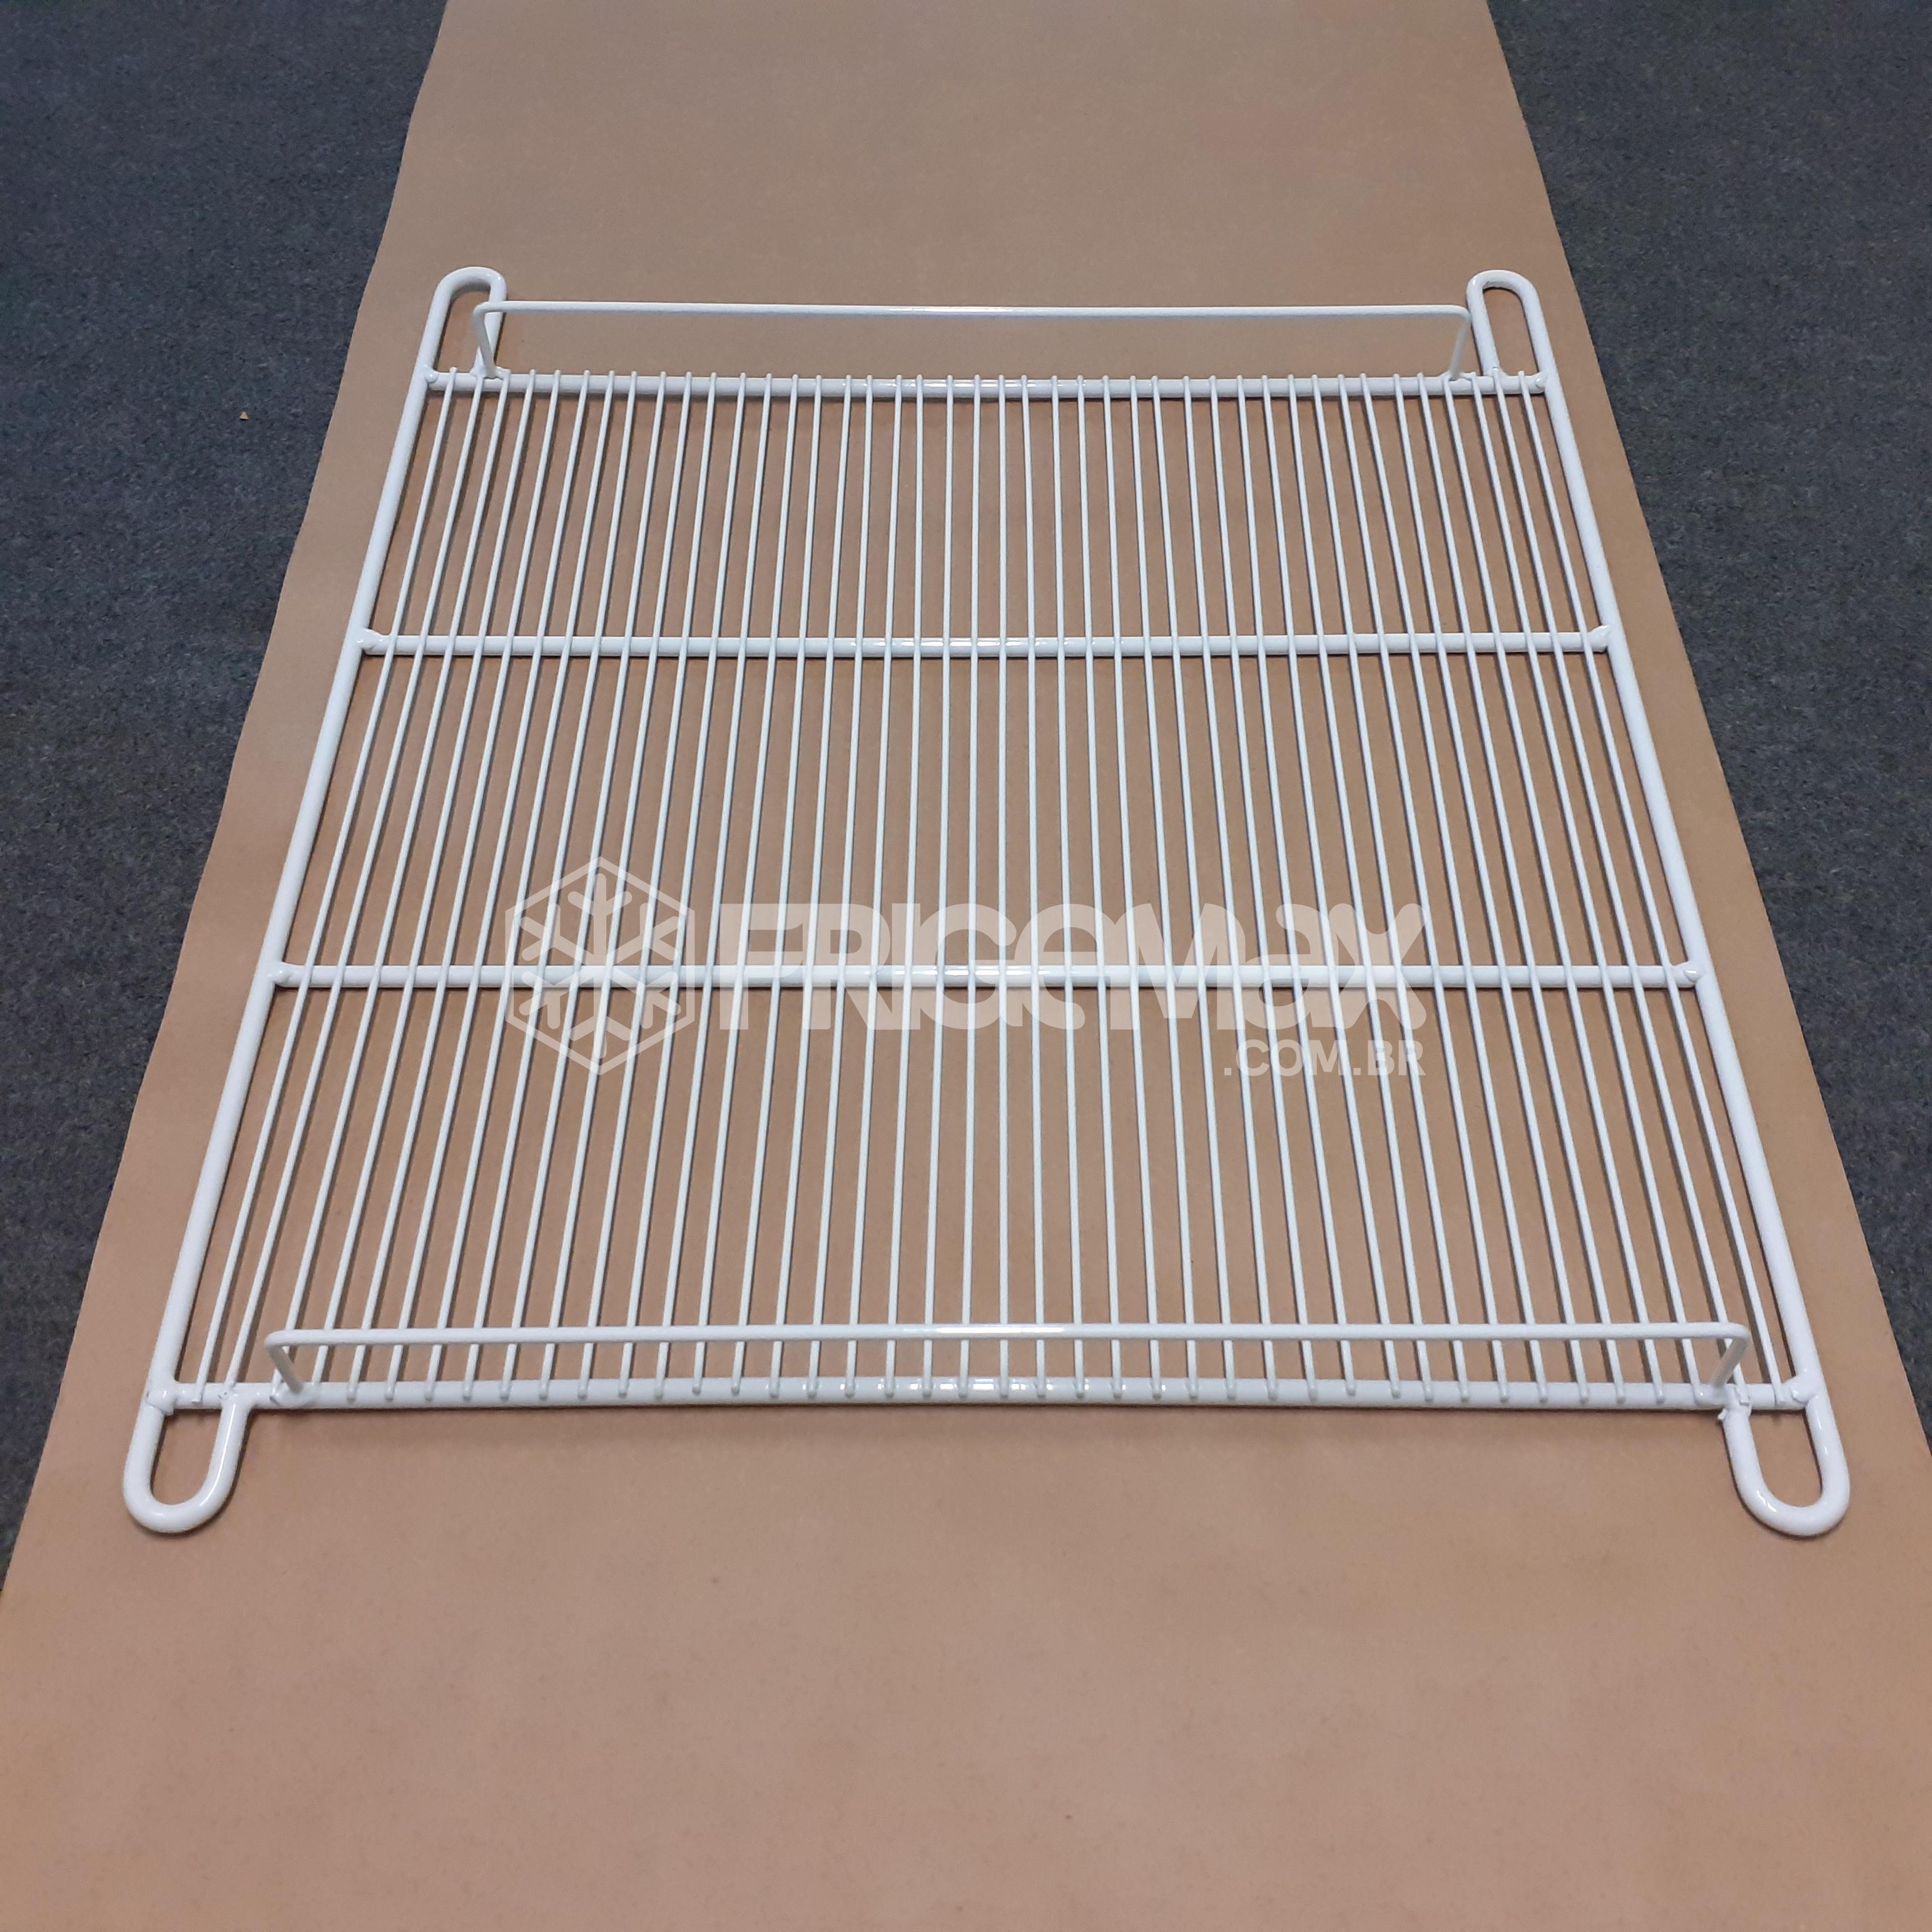 Prateleira Metalfrio 54x64cm c/ 4 suporte (Modelo VF56, VF55)